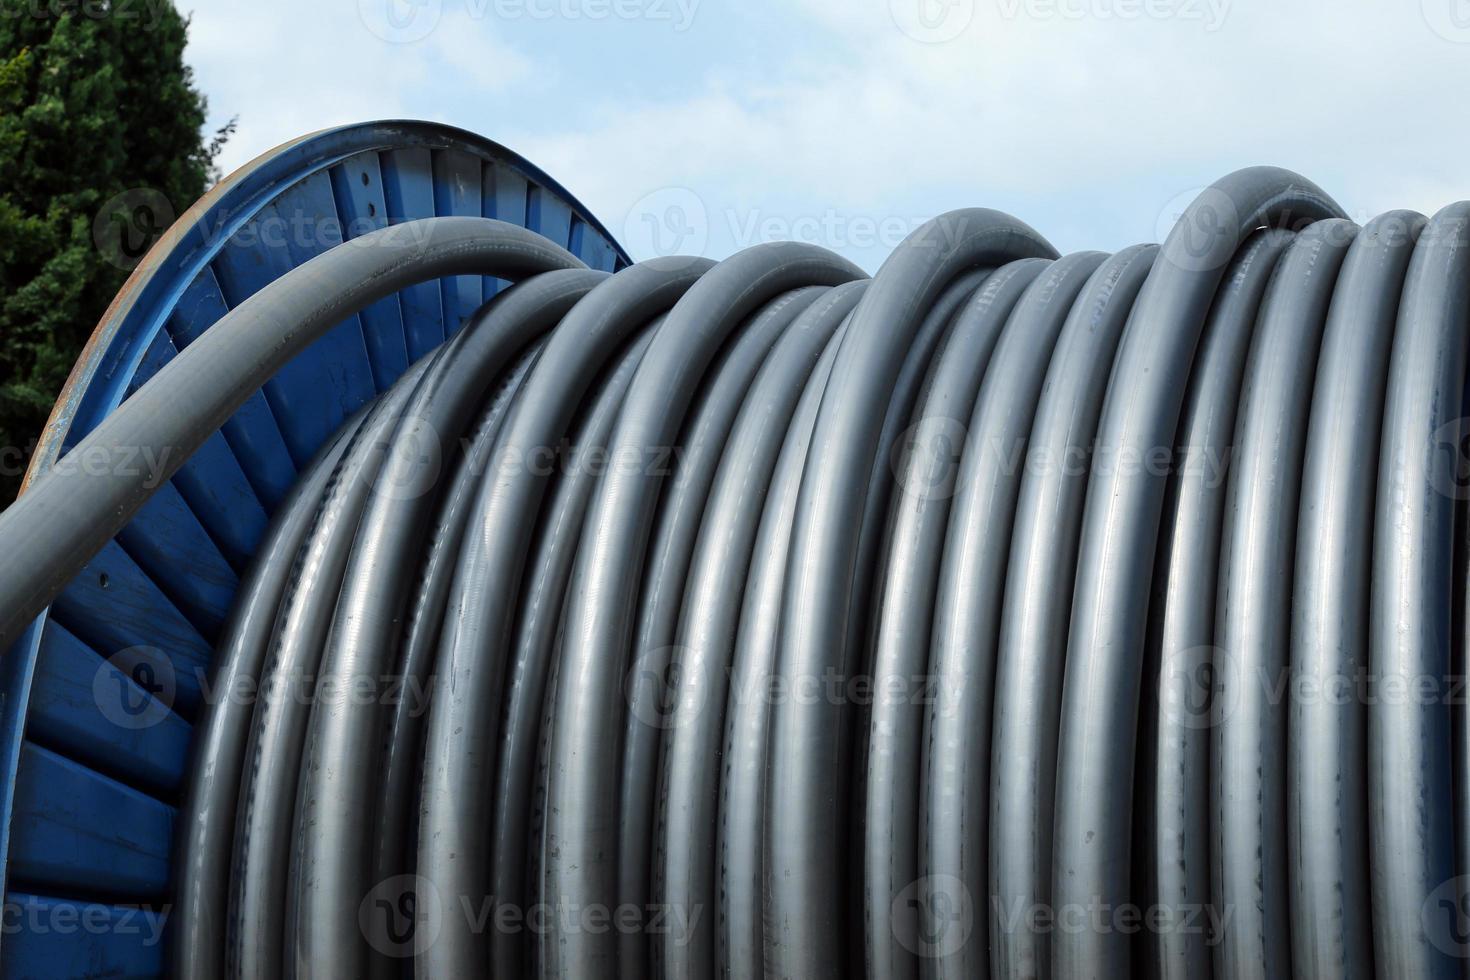 haspel kabel naar de elektrische infrastructuur in de energiecentrale foto